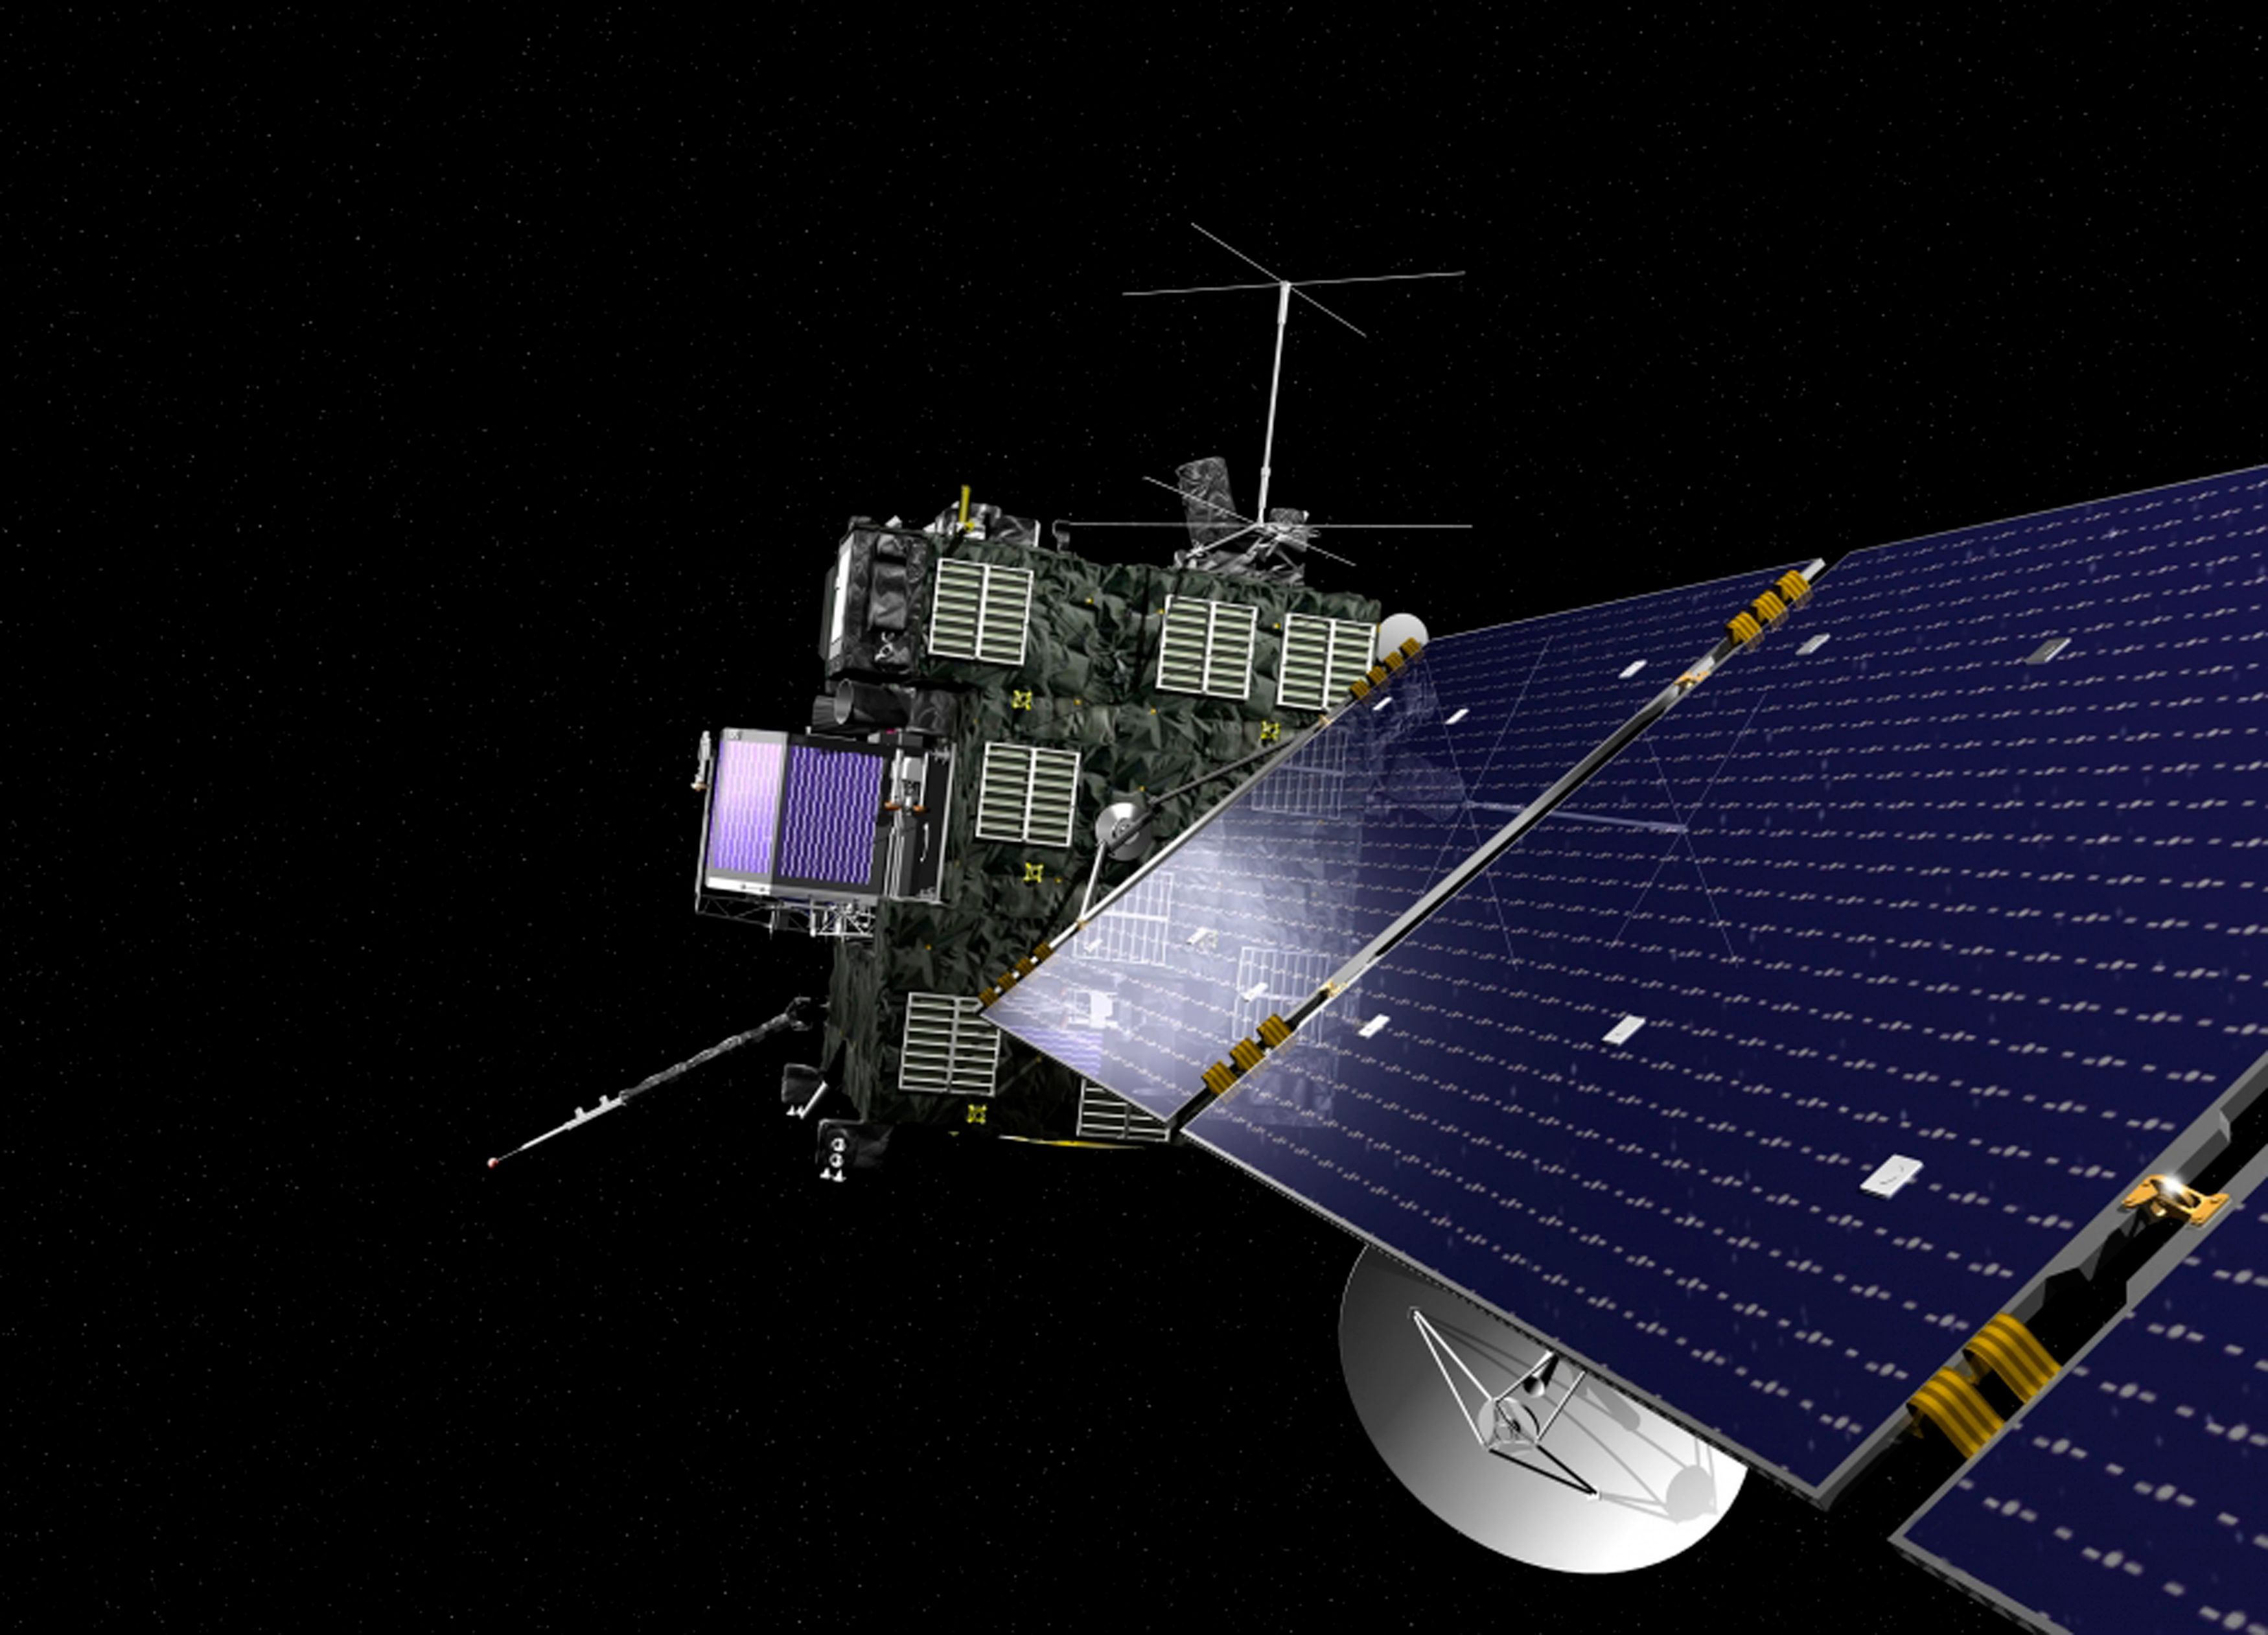 La sonde Rosetta s'est réveillée ce lundi